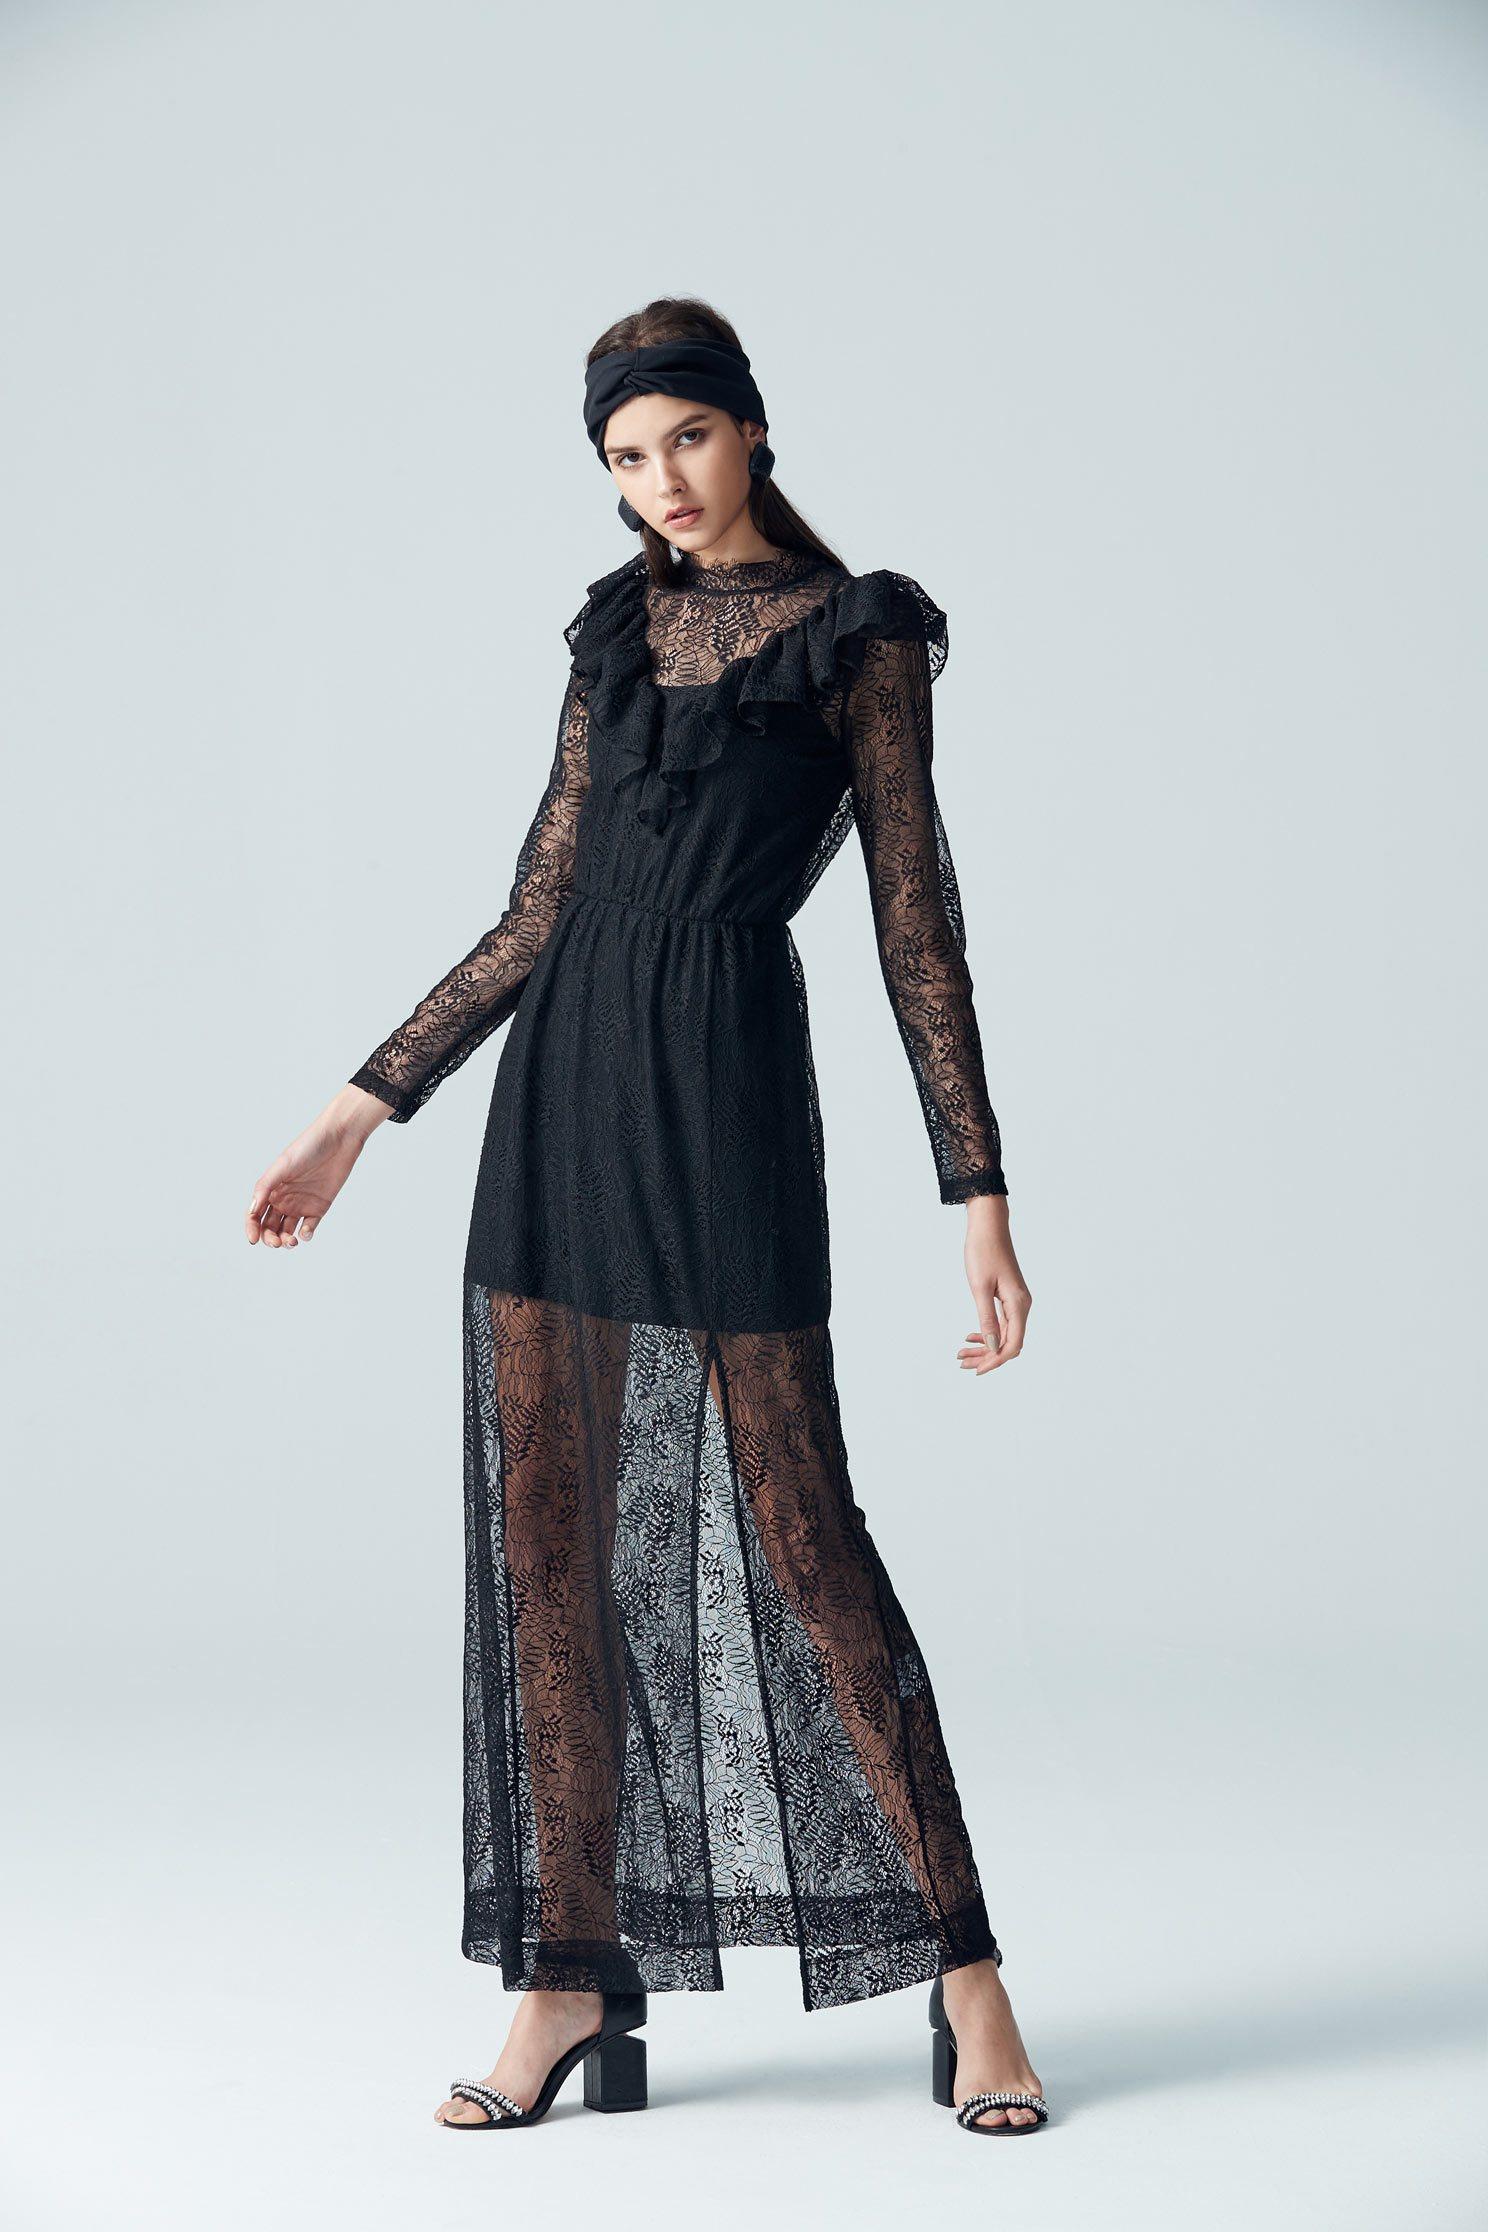 Gorgeous design dress,cocktaildress,lace,lacedress,perspectivedress,longsleevedress,blackdress